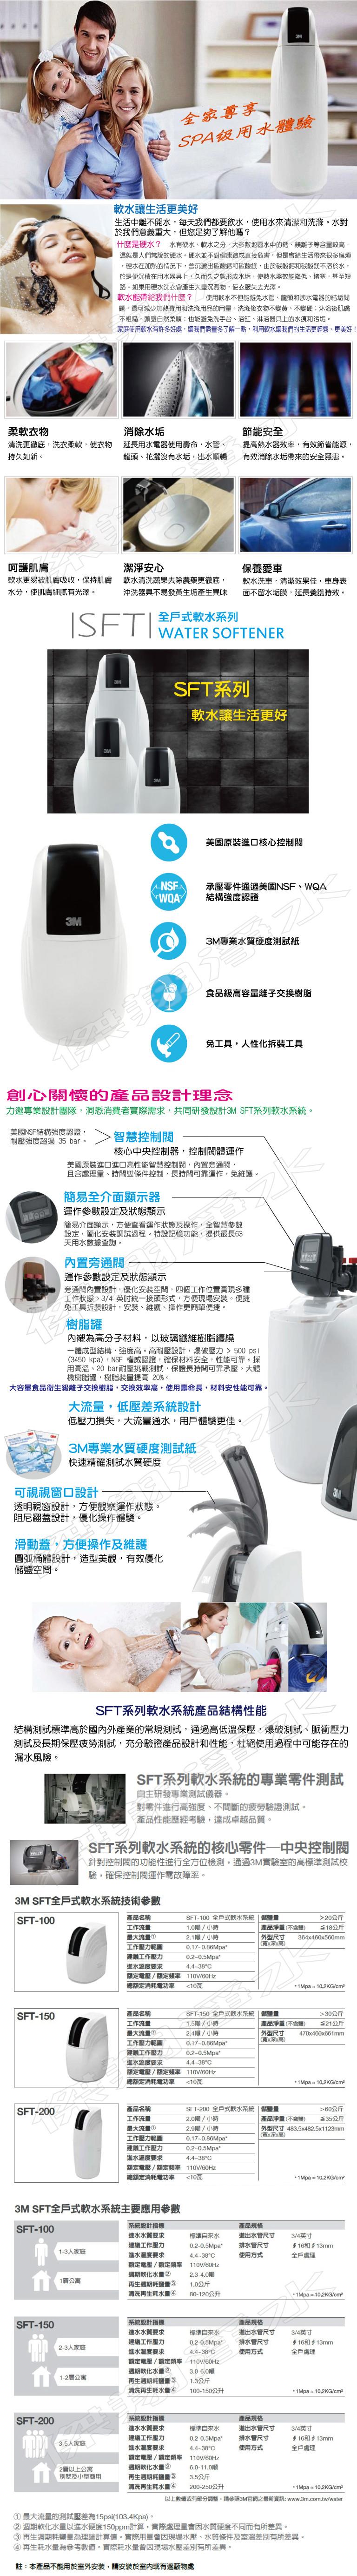 3M SFT-100 全戶式軟水系統